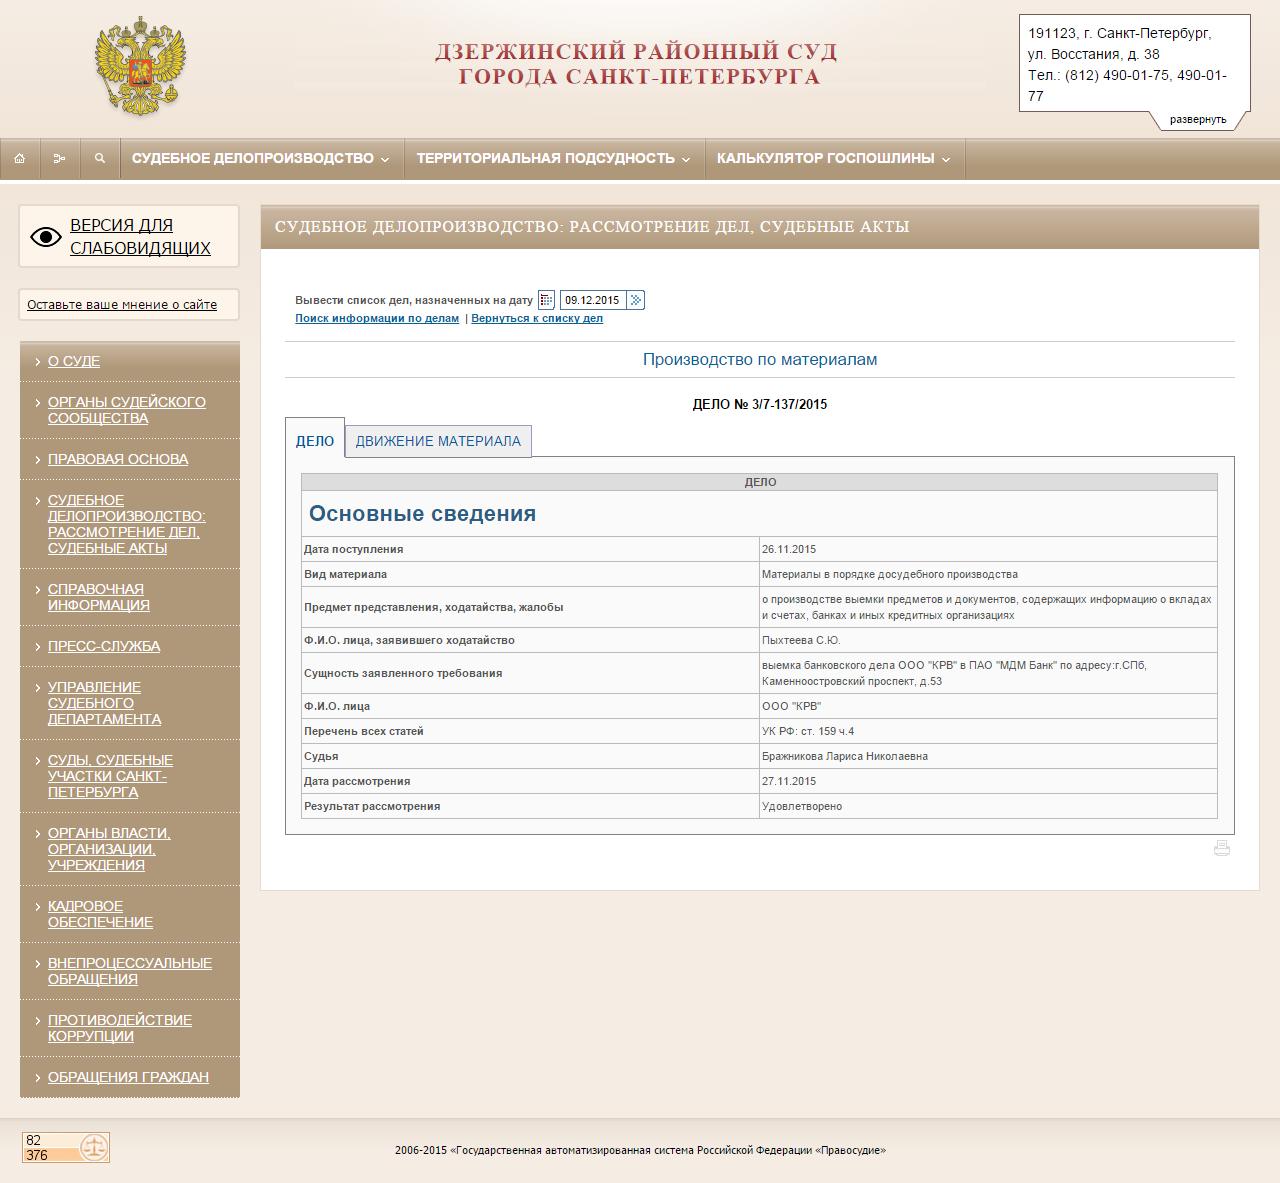 Прозрачные обыски Петербурга (Иллюстрация 6 из 9) (Фото: скриншот сайта суда)